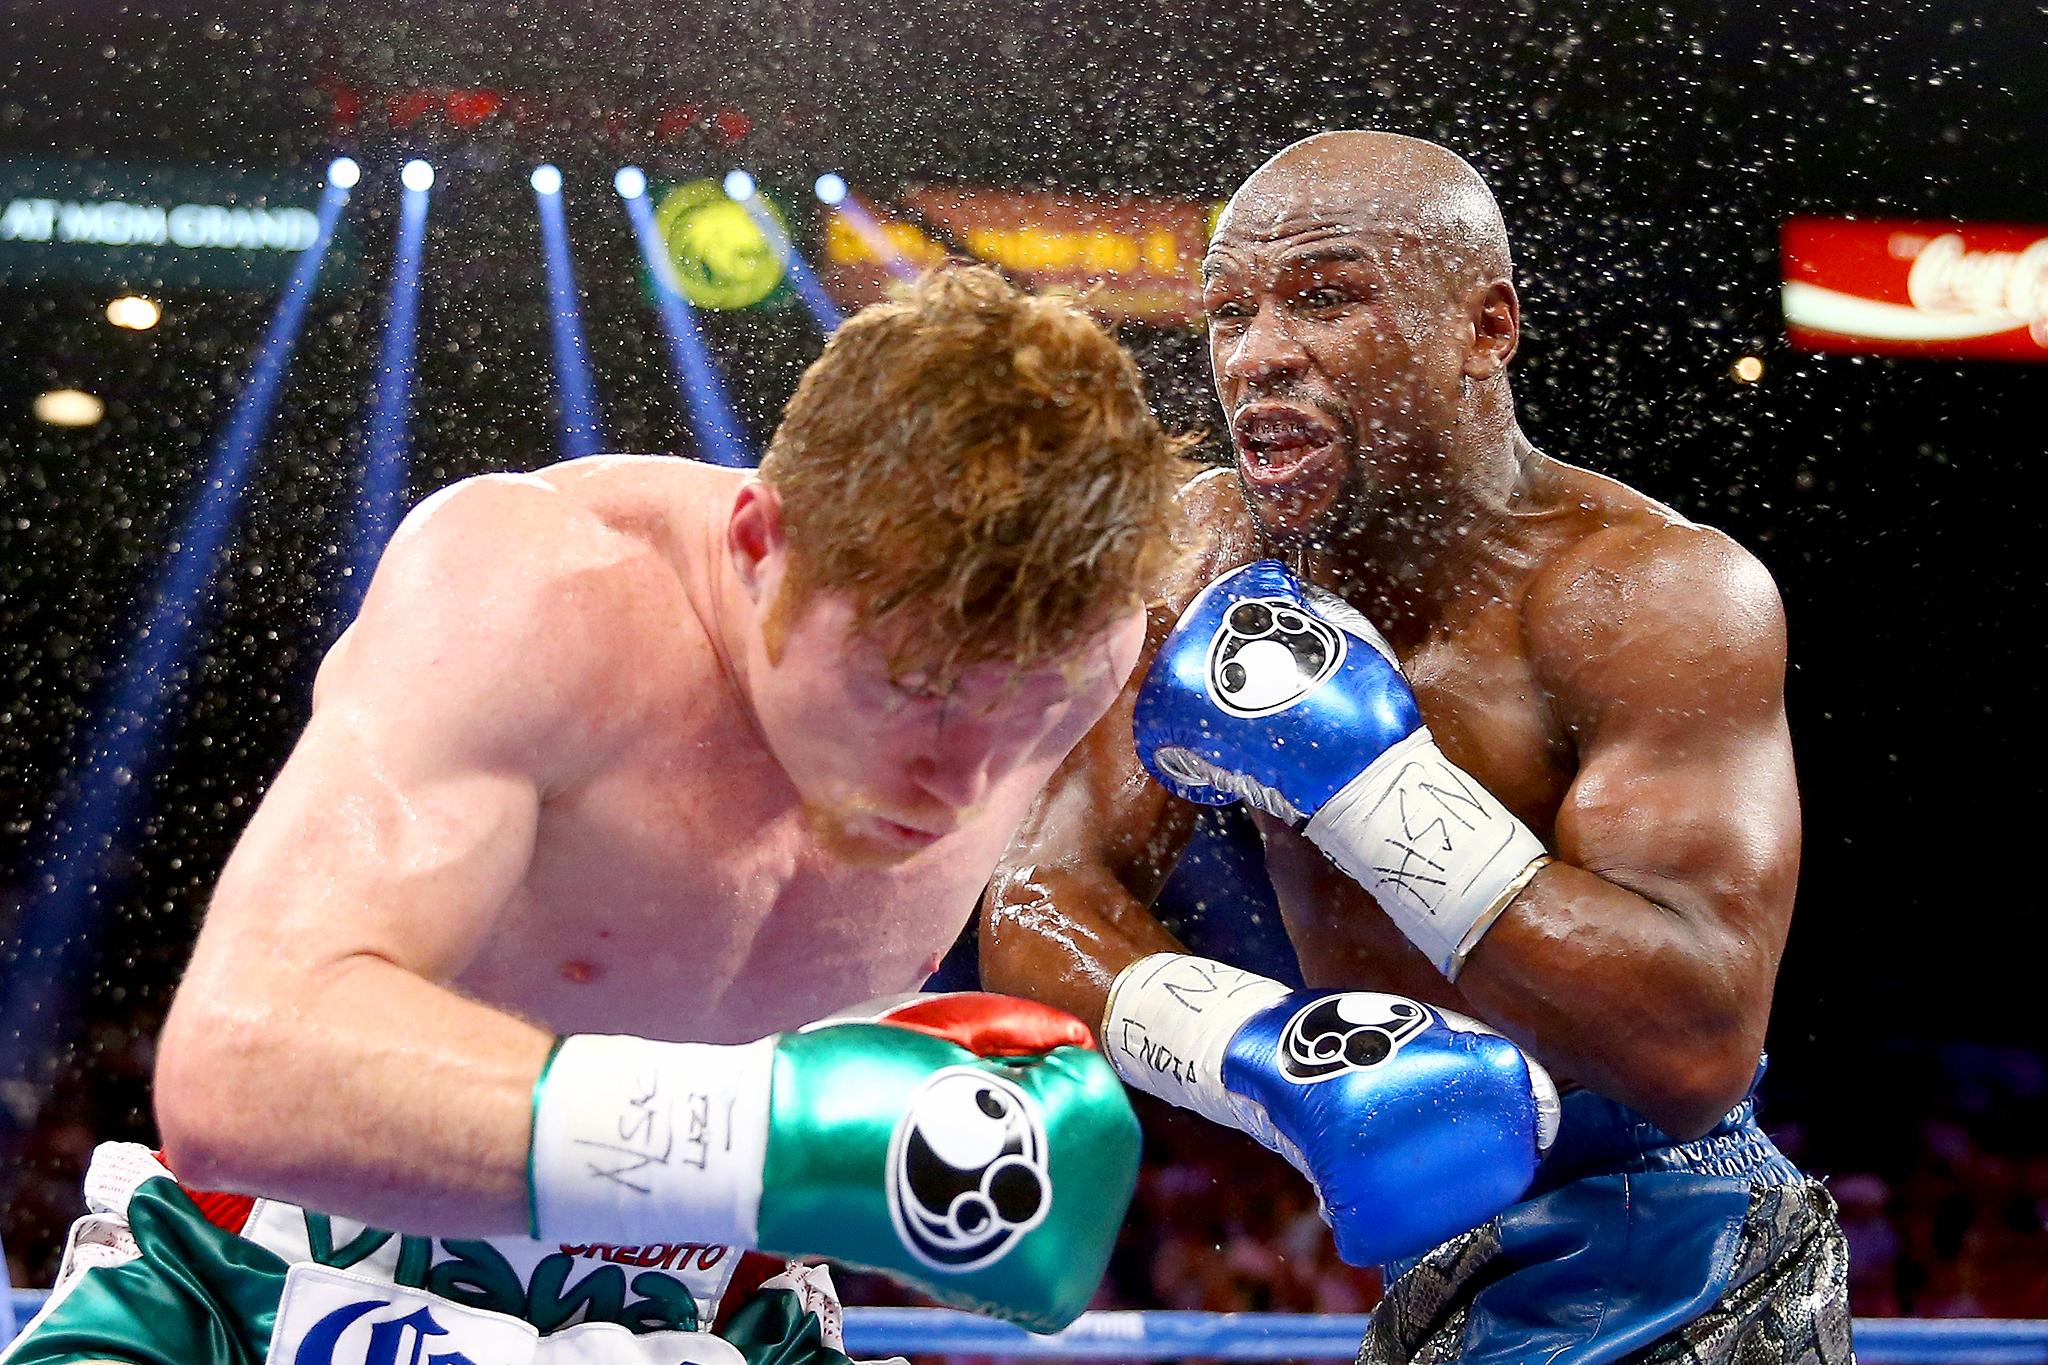 Canelo Alvarez and Floyd Mayweather Jr. exchange punches